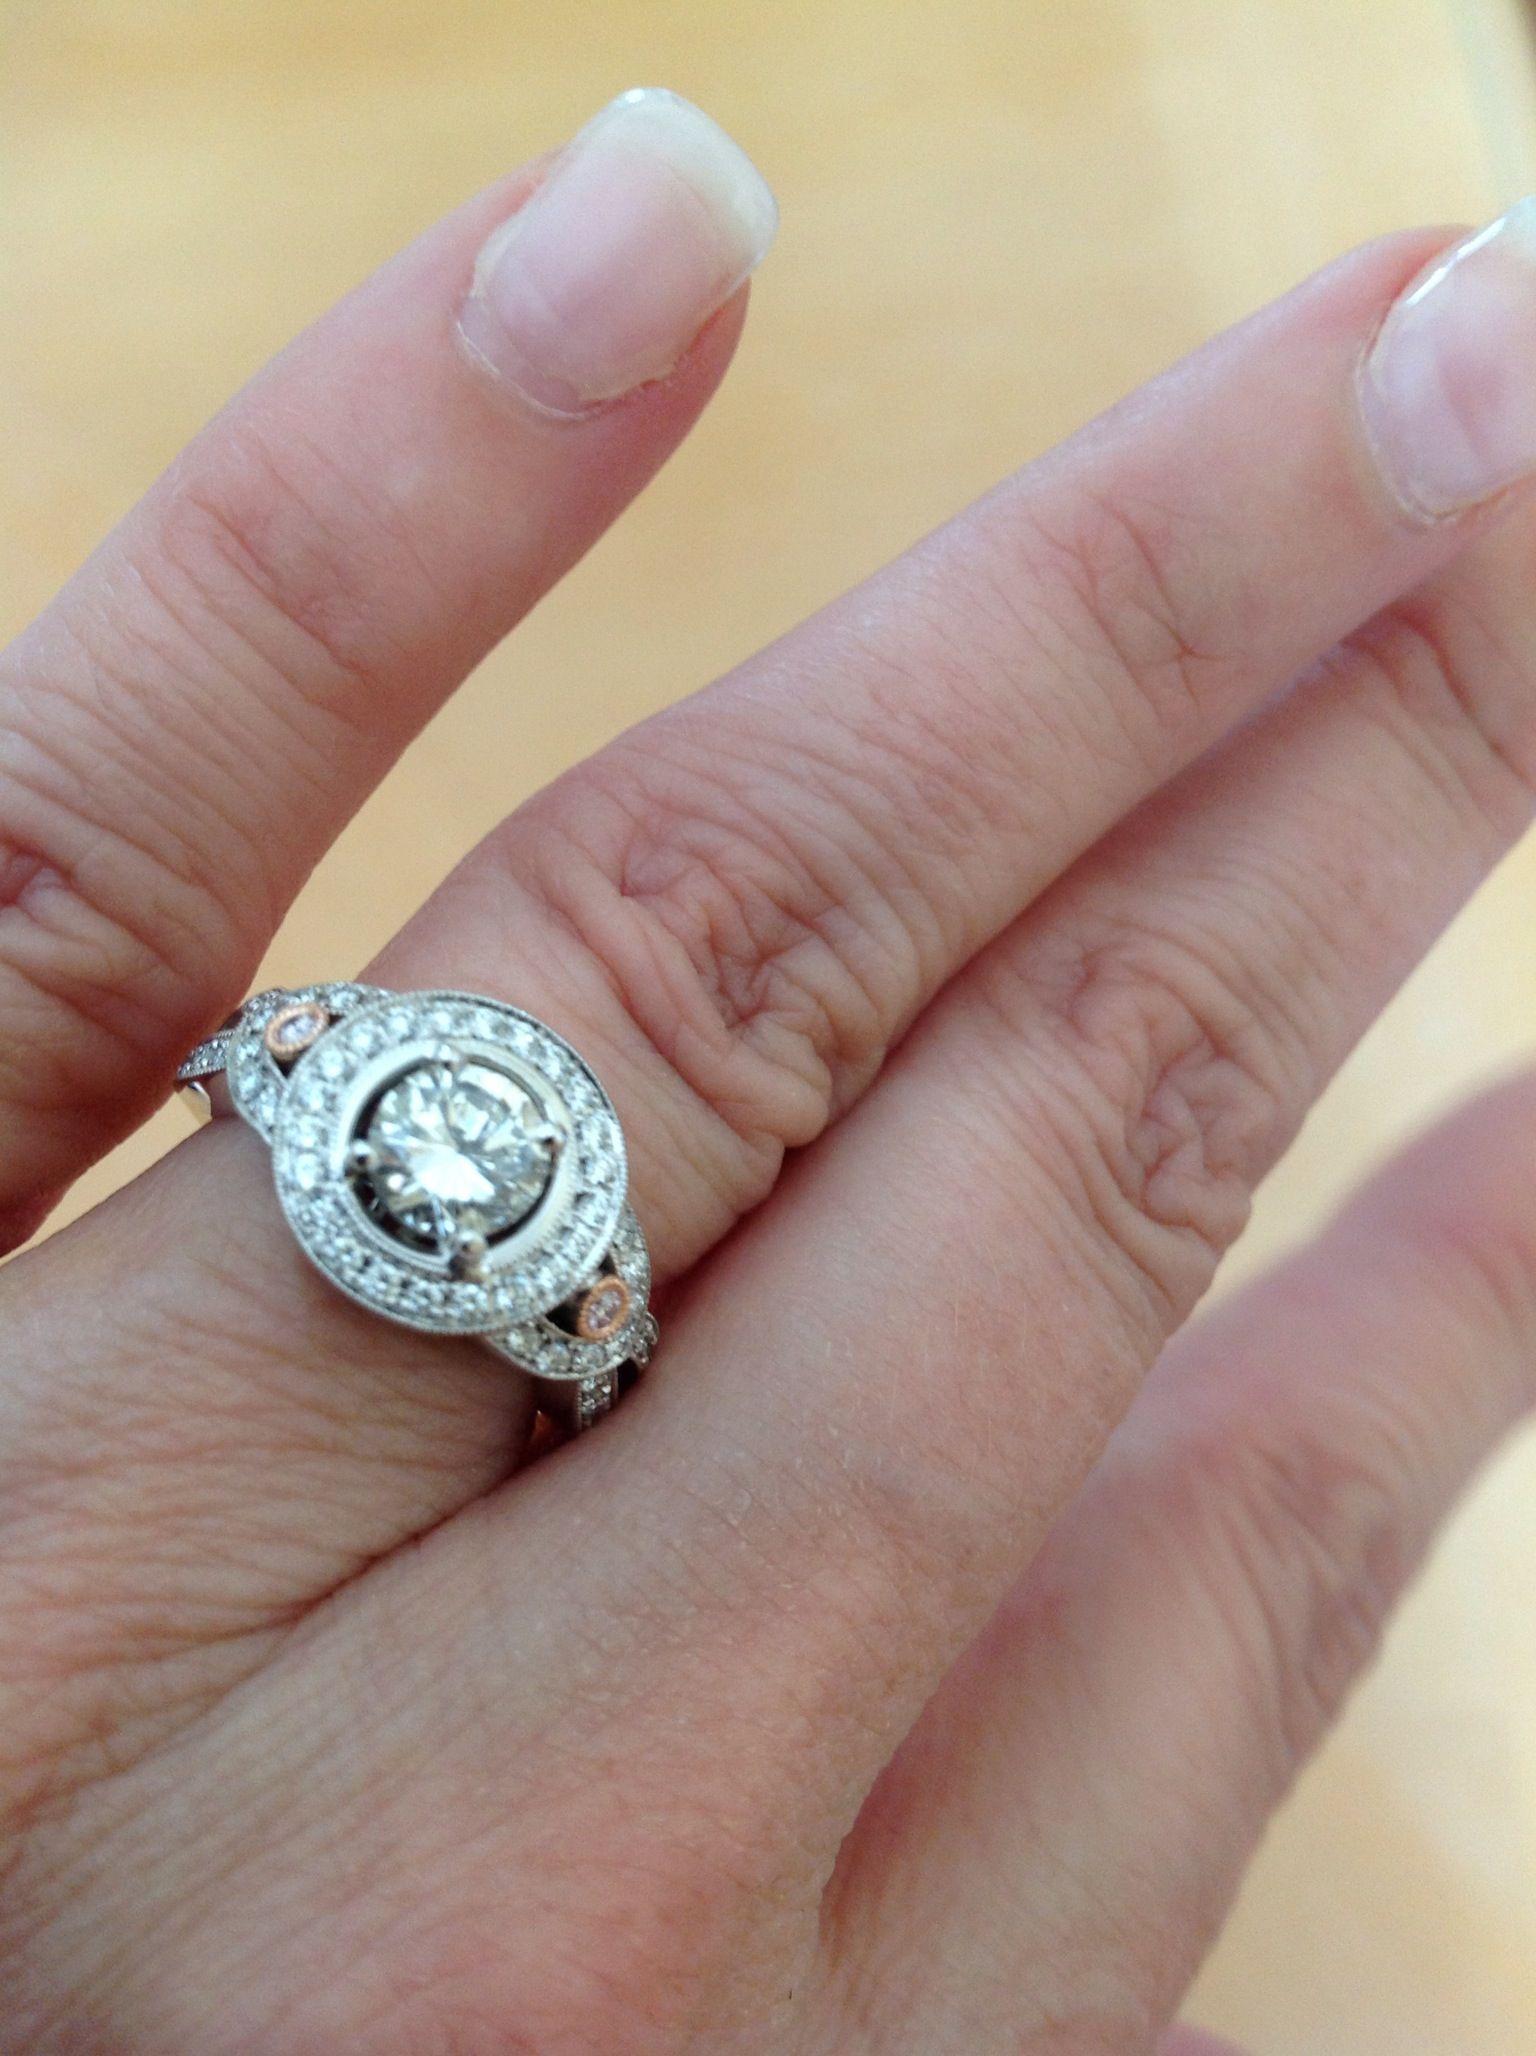 My 20 Year Anniversary Ring Original Stone Reset In Simon G